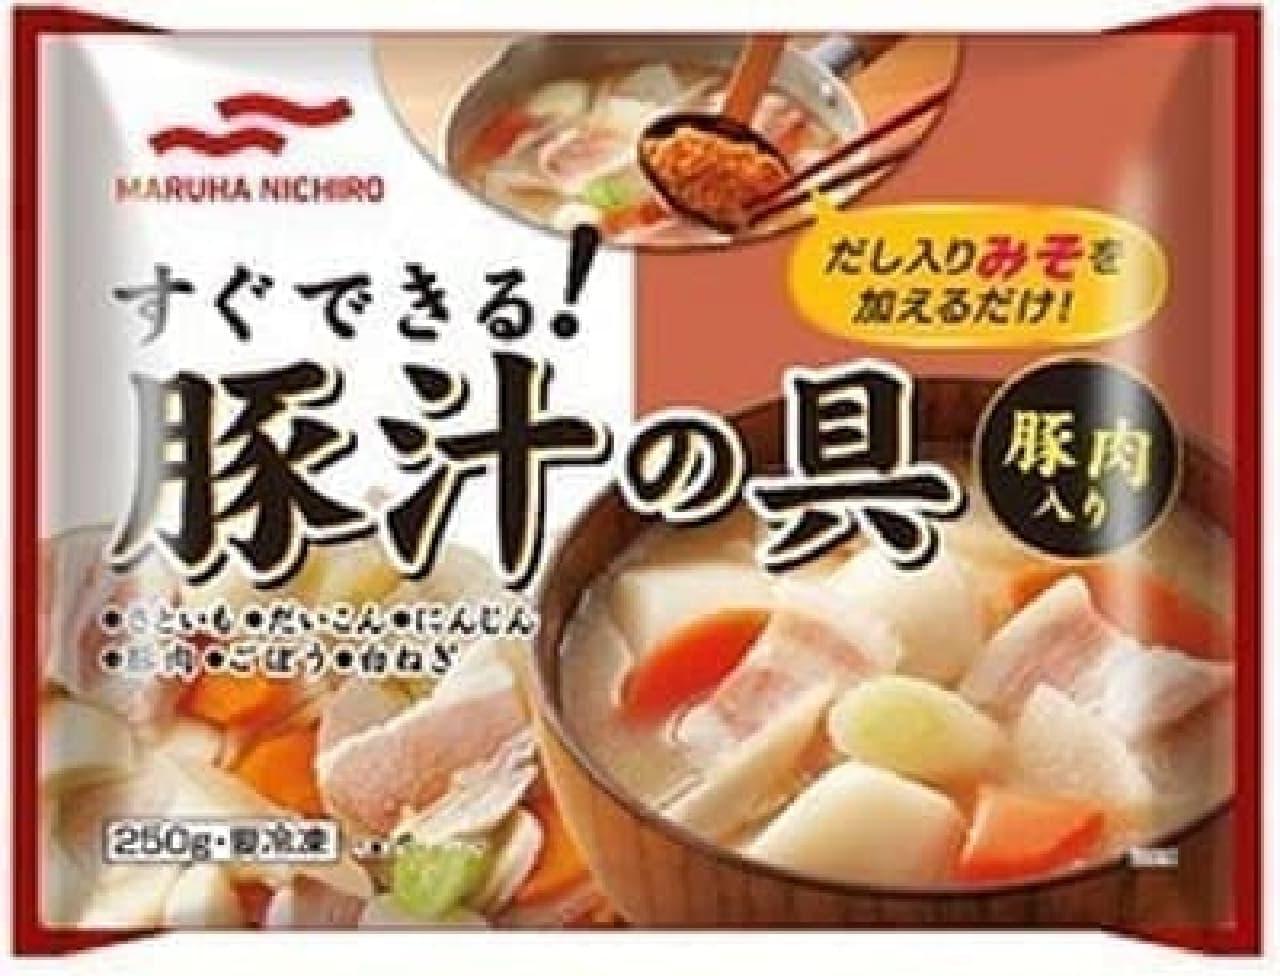 マルハニチロ「すぐできる豚汁の具」